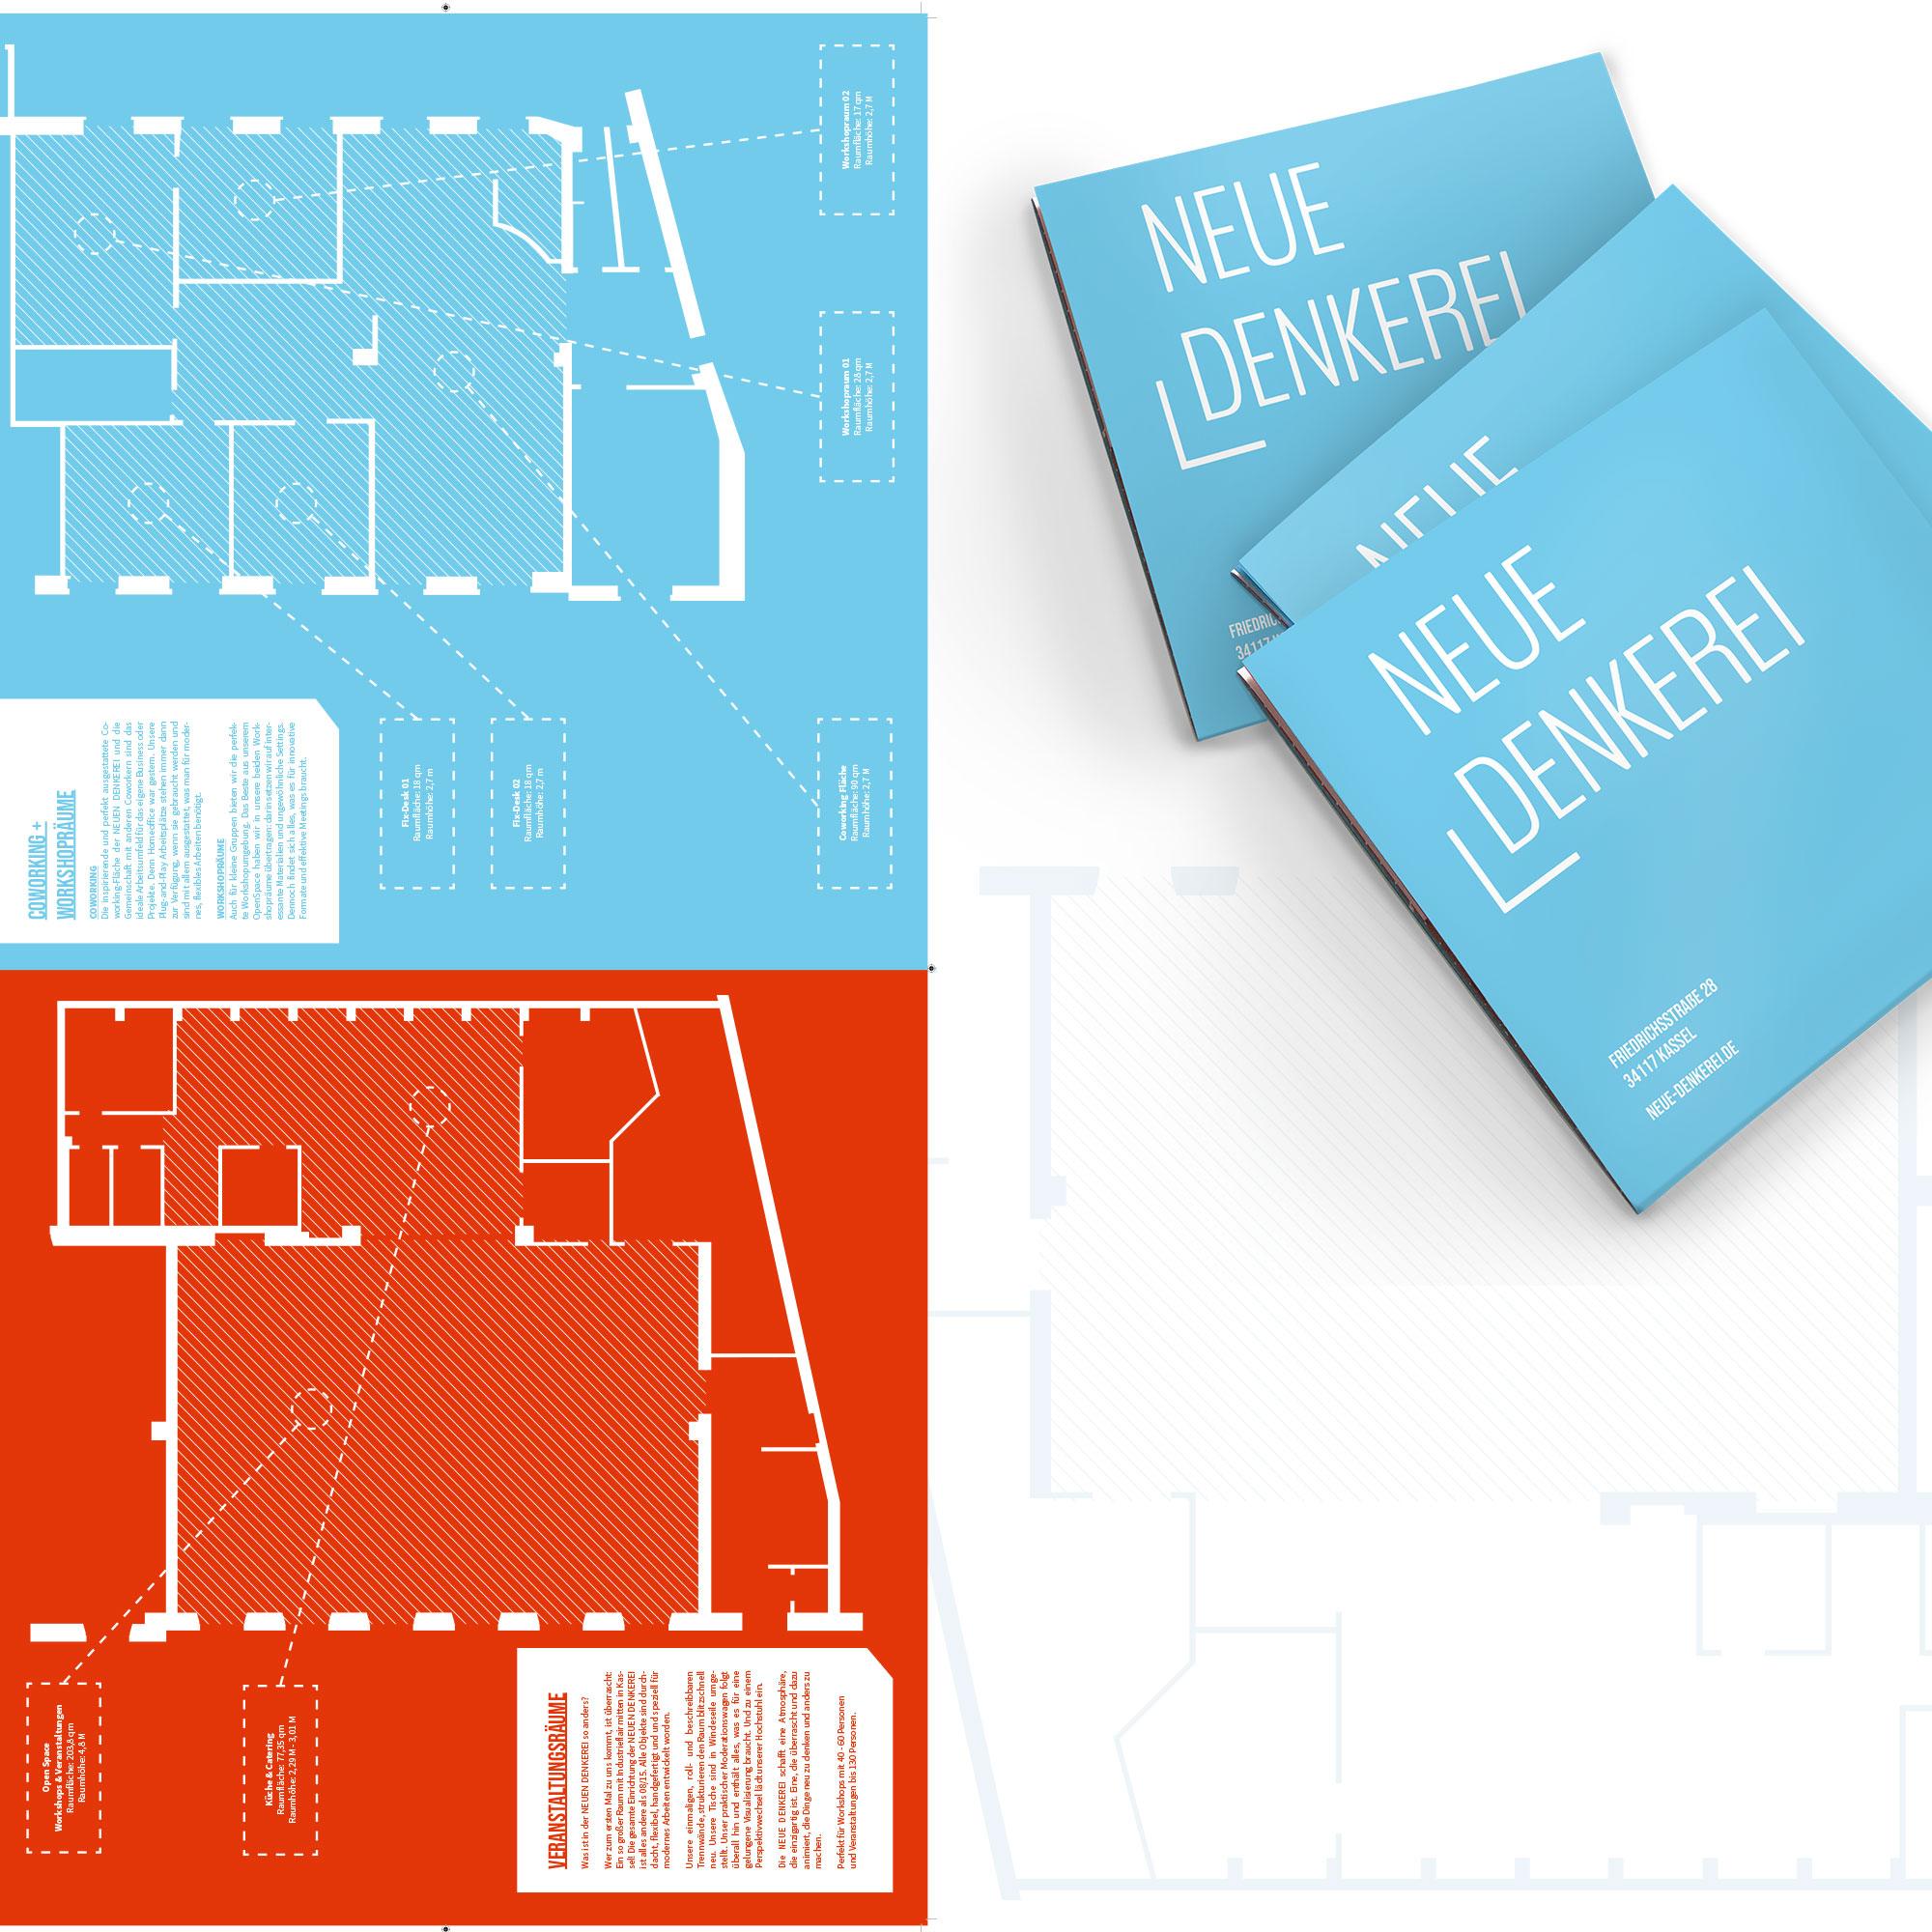 Die Rückseite der Imagebroschüre Neue Denkerei